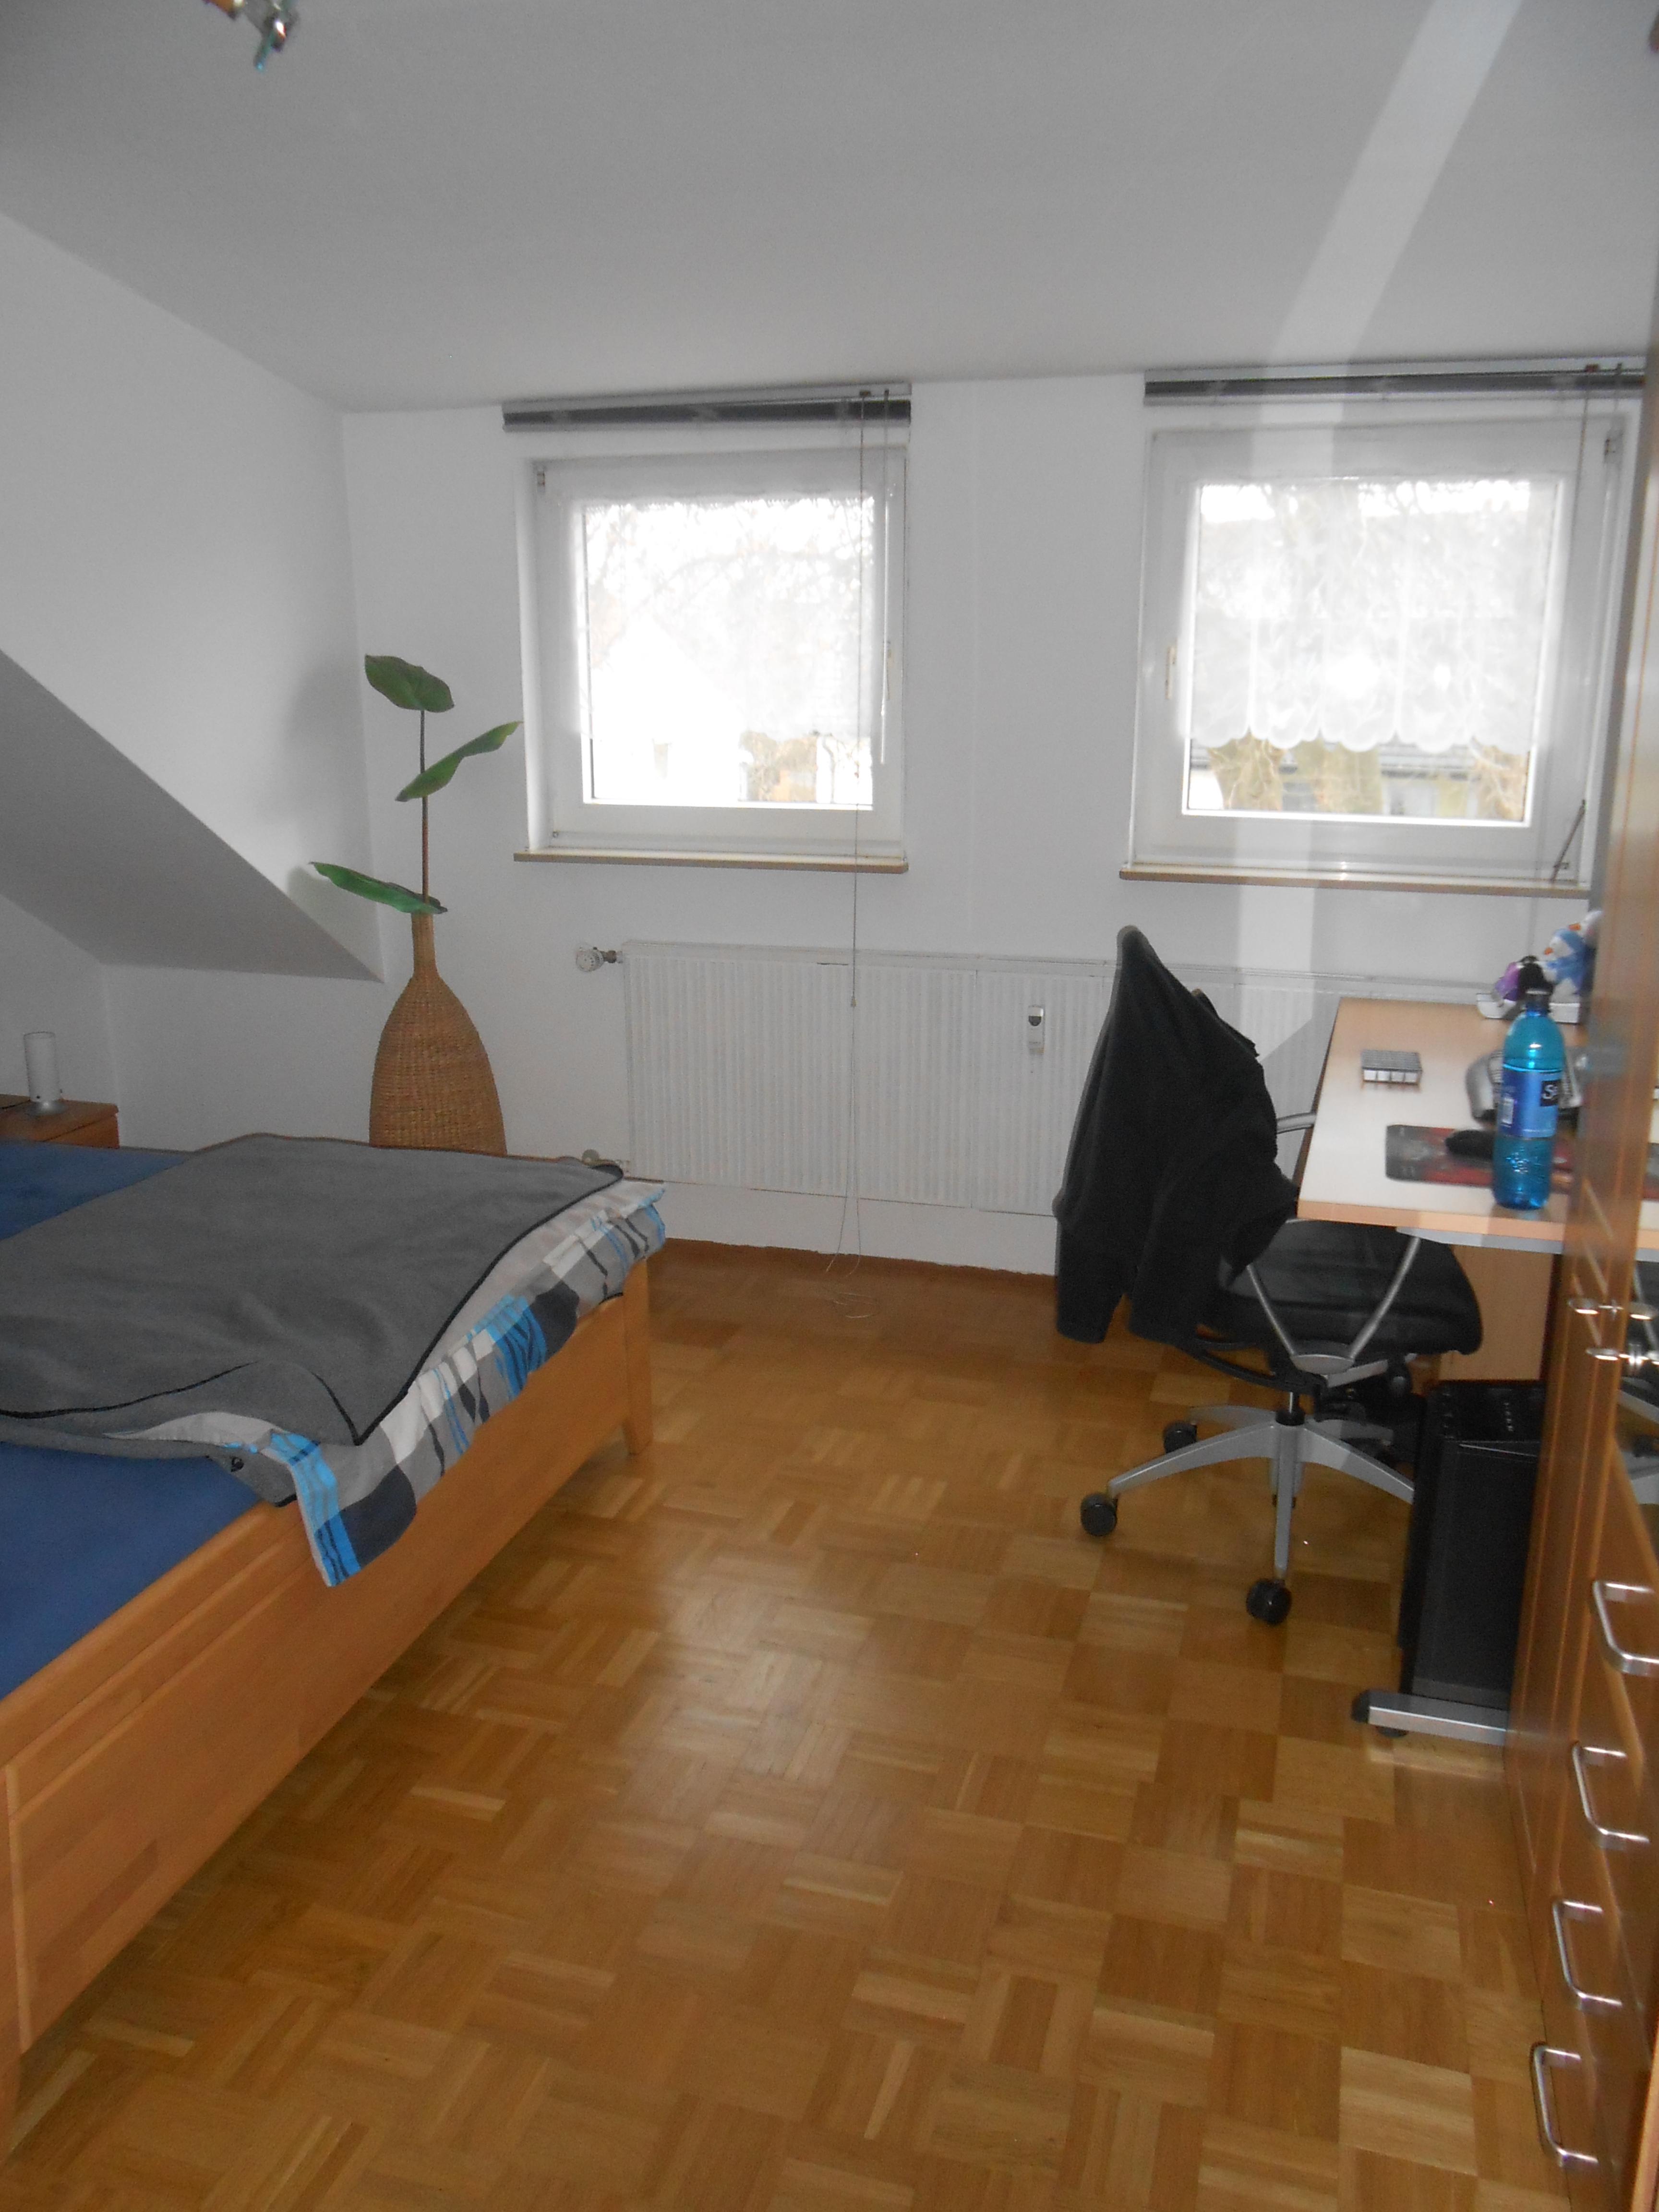 Wohnung mieten ruesselsheim 3 zimmer 10 hettich immobilien for Wohnung mieten in